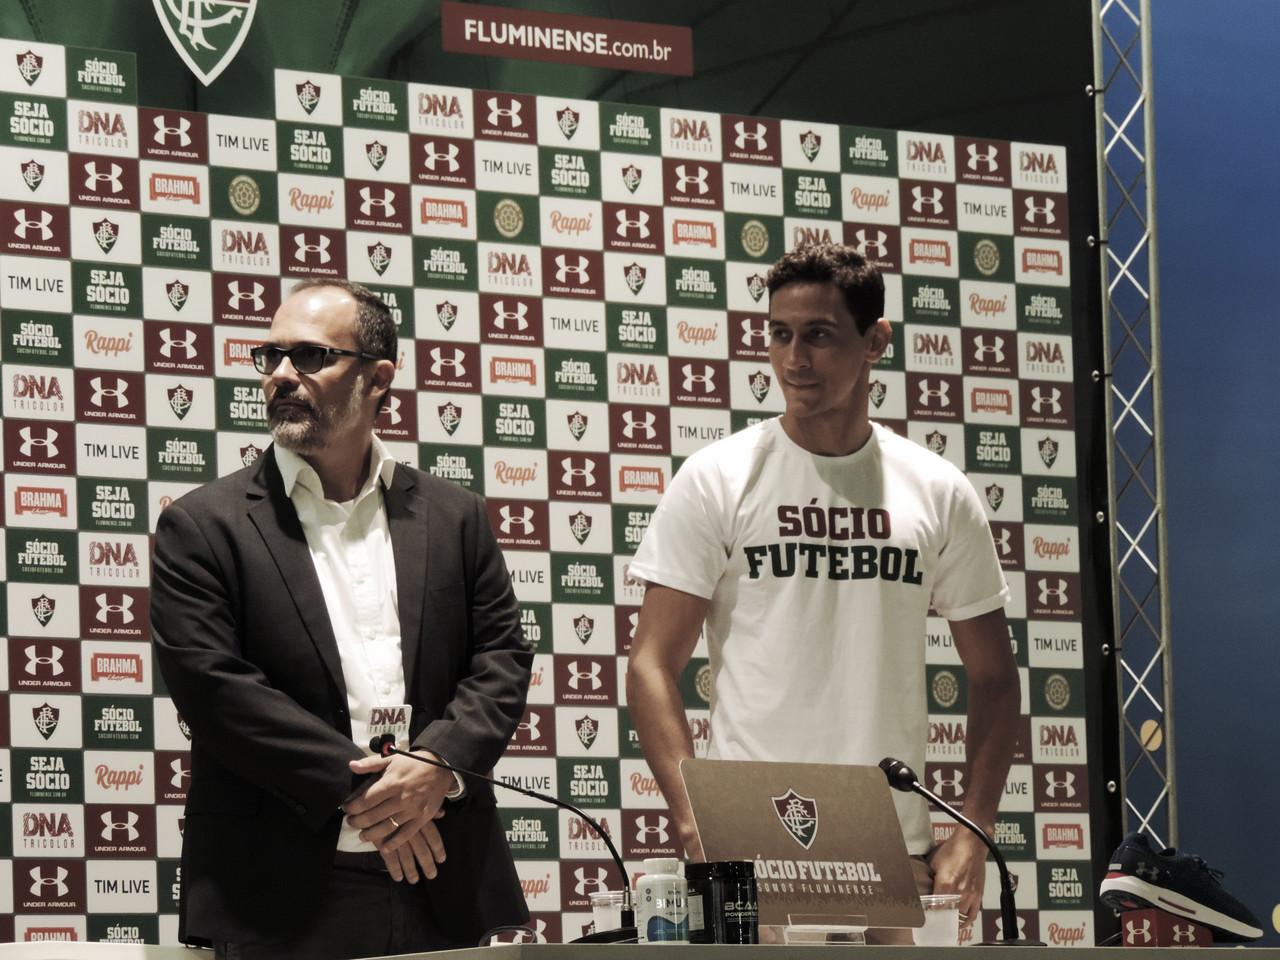 """Ganso revela ansiedade para estrear pelo Flu e agradece recepção: """"Motivação gigantesca"""""""